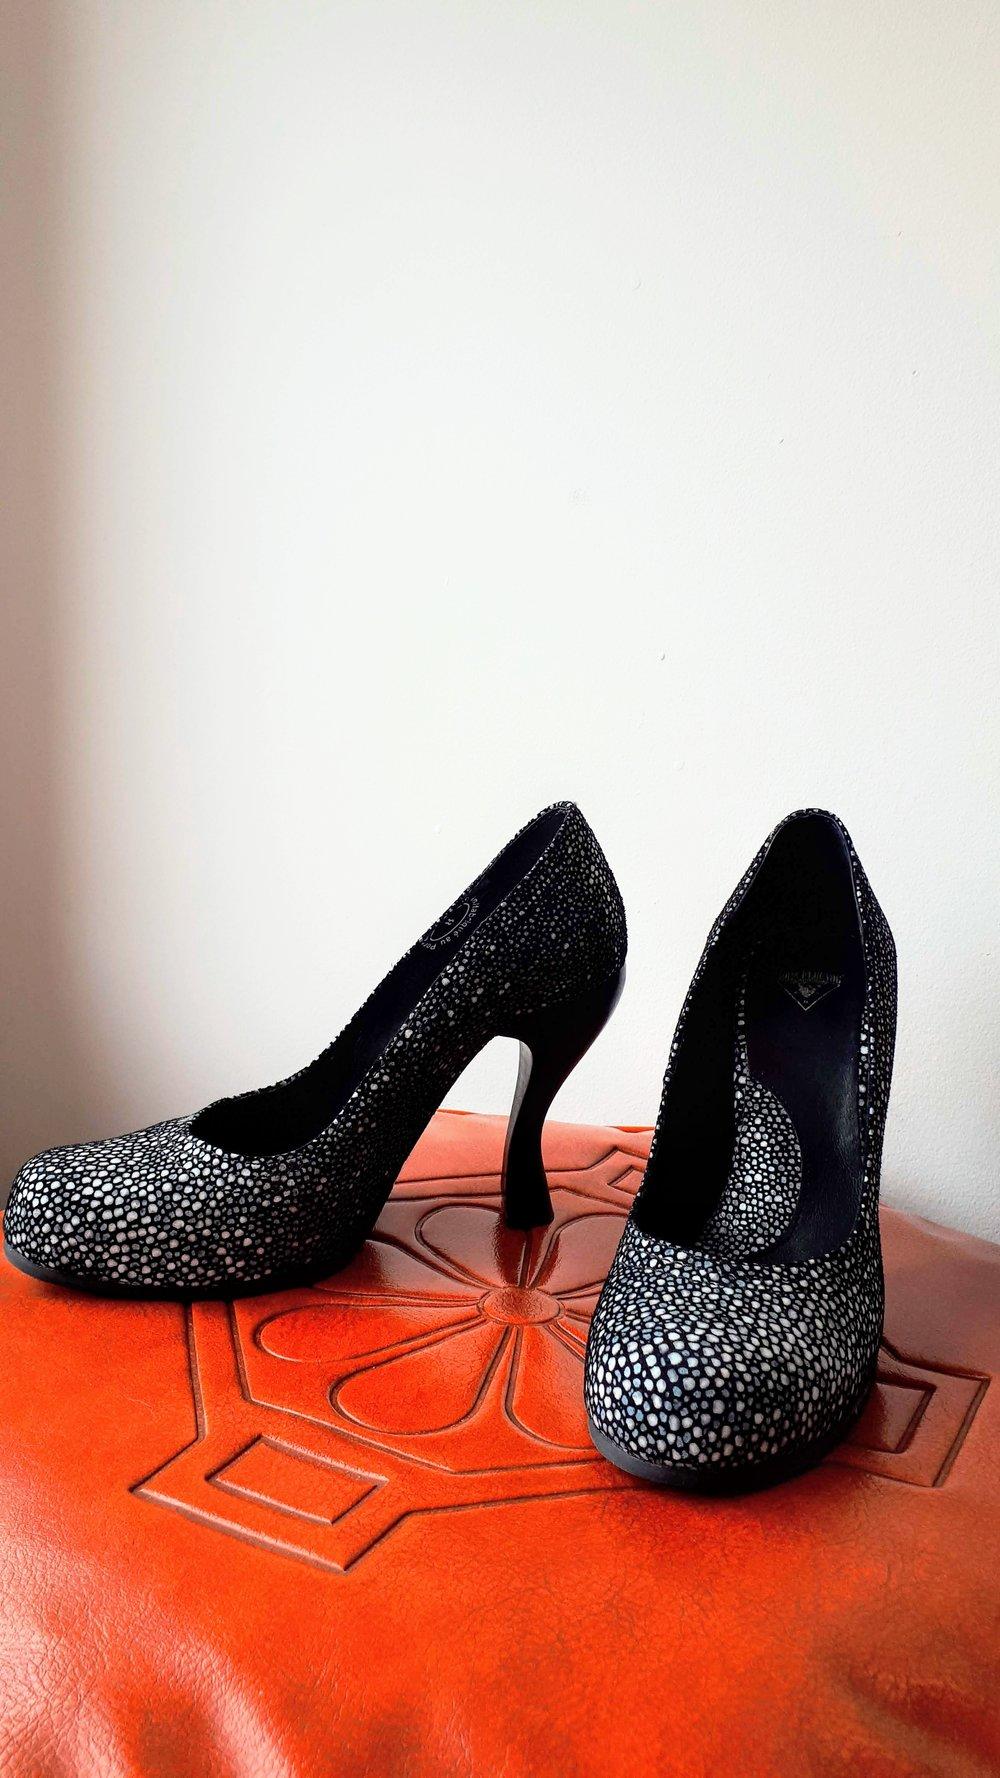 Fluevog shoes; S8, $75